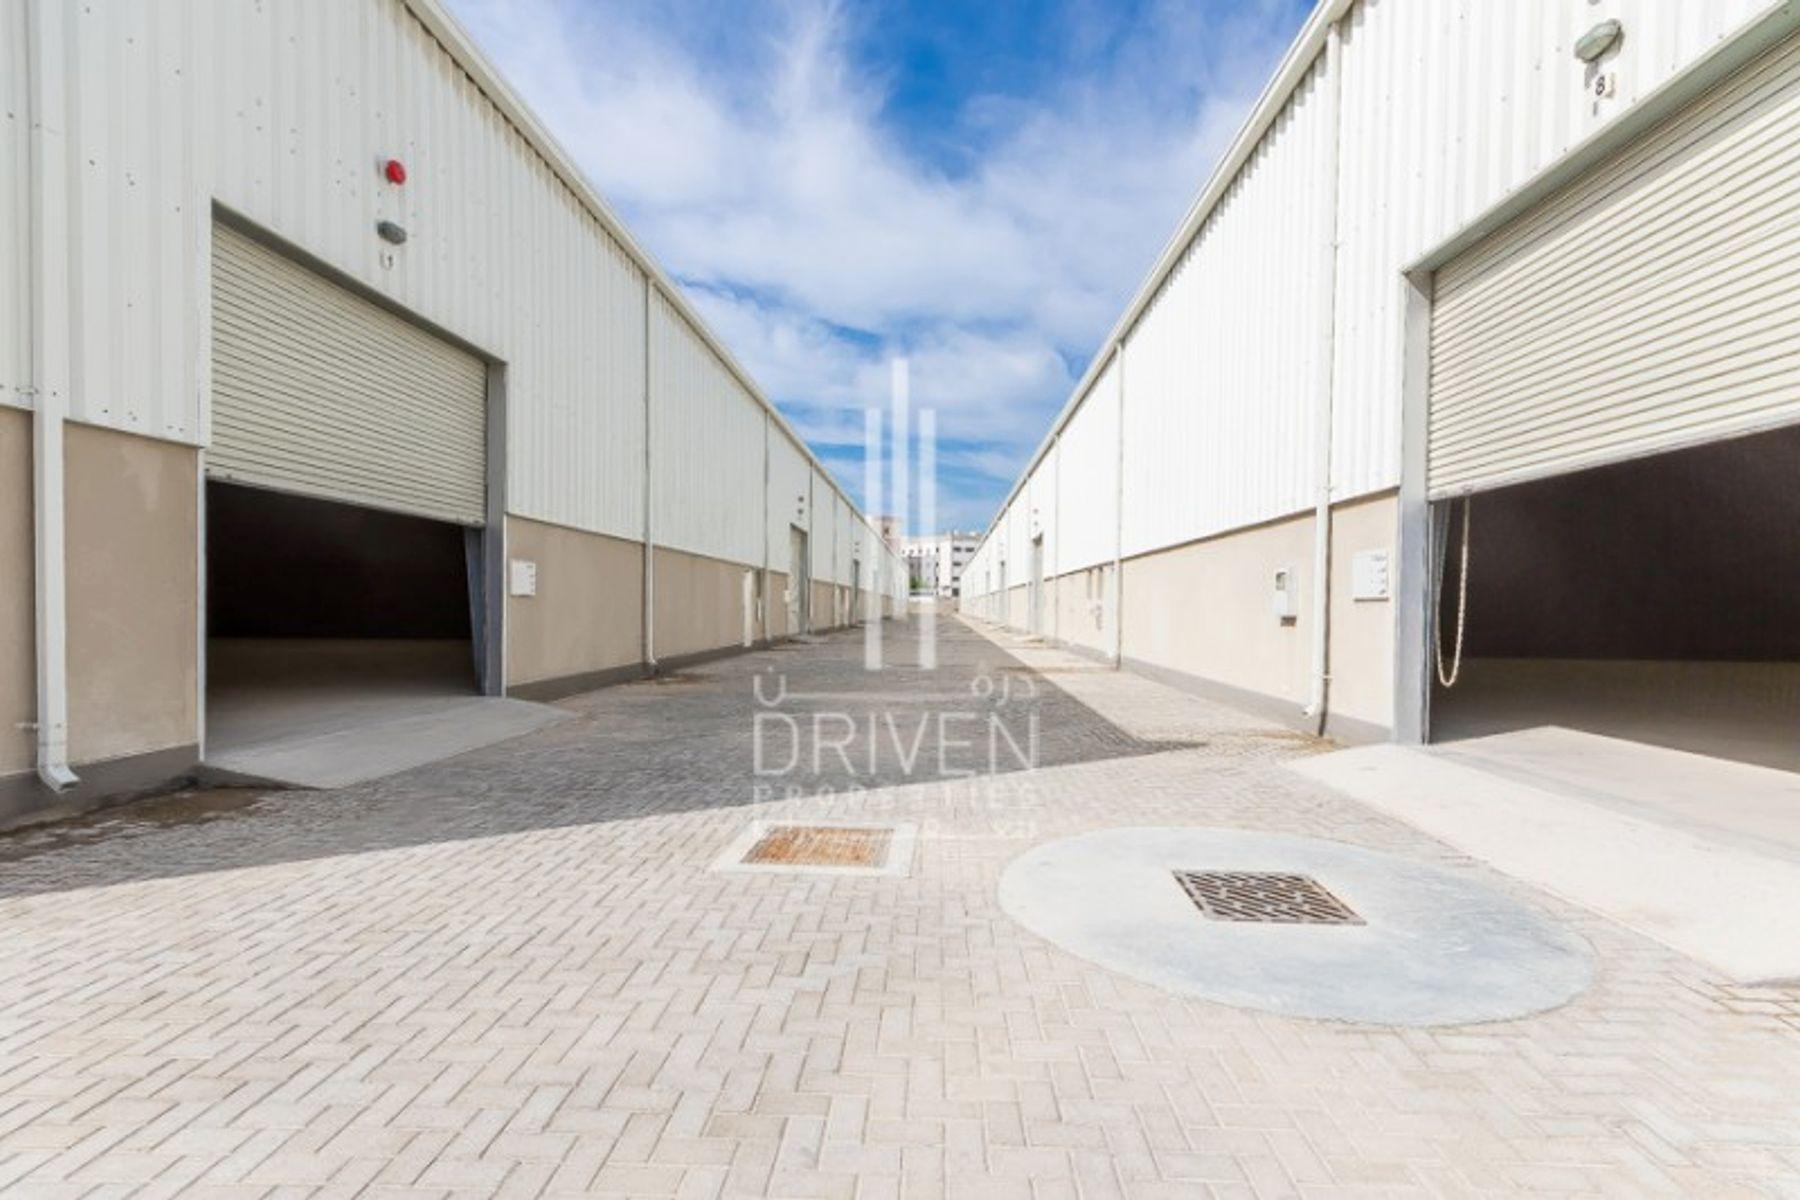 34,084 قدم مربع  مستودع - للايجار - مجمع دبي للإستثمار